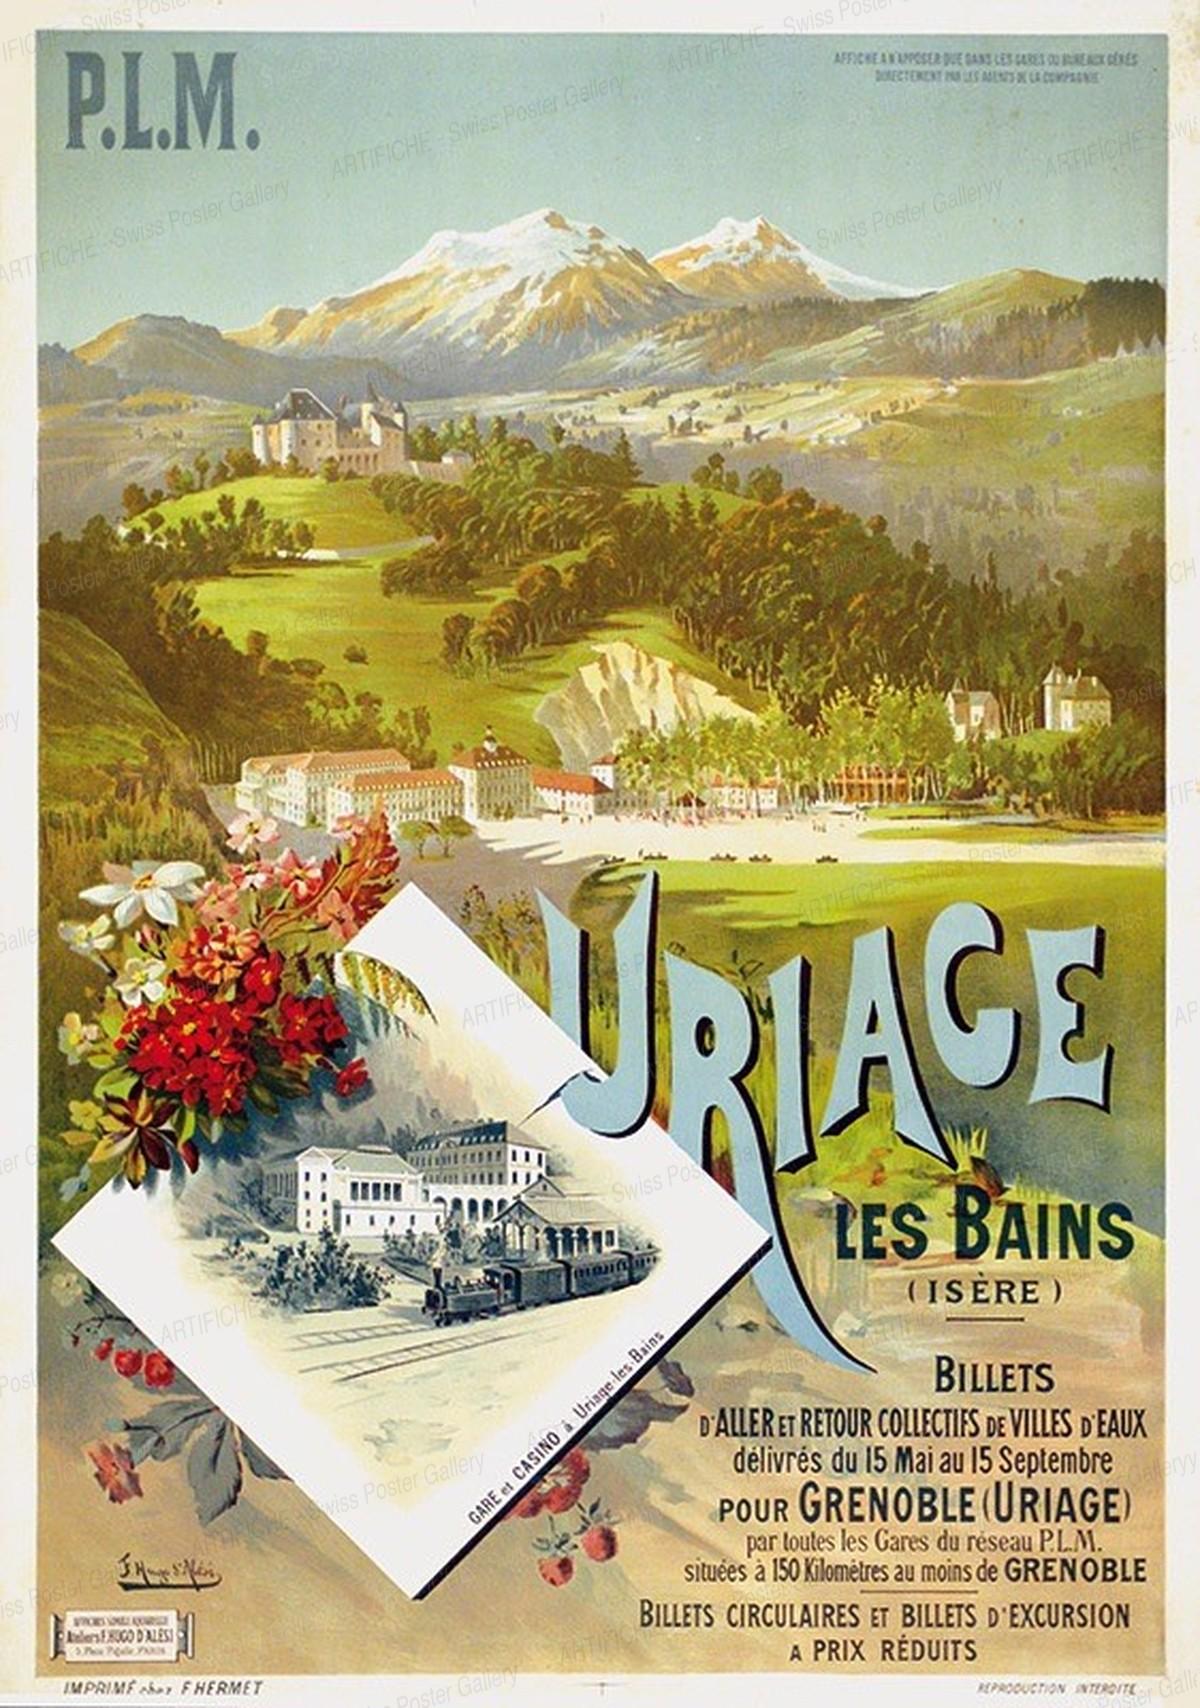 P.L.M. – URIAGE LES BAINS (Isère), Hugo F. D'Alési